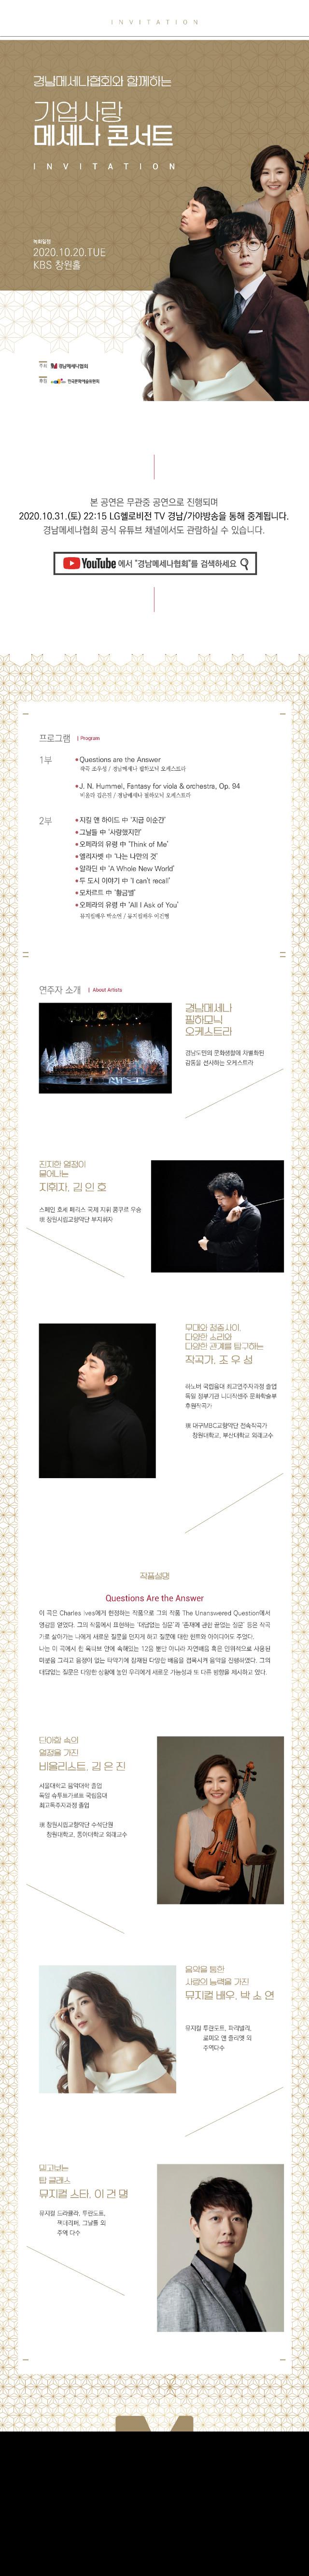 P20-0372 경남메세나협회 - 2020 기업사랑 메세나 콘서트_웹배너.jpg